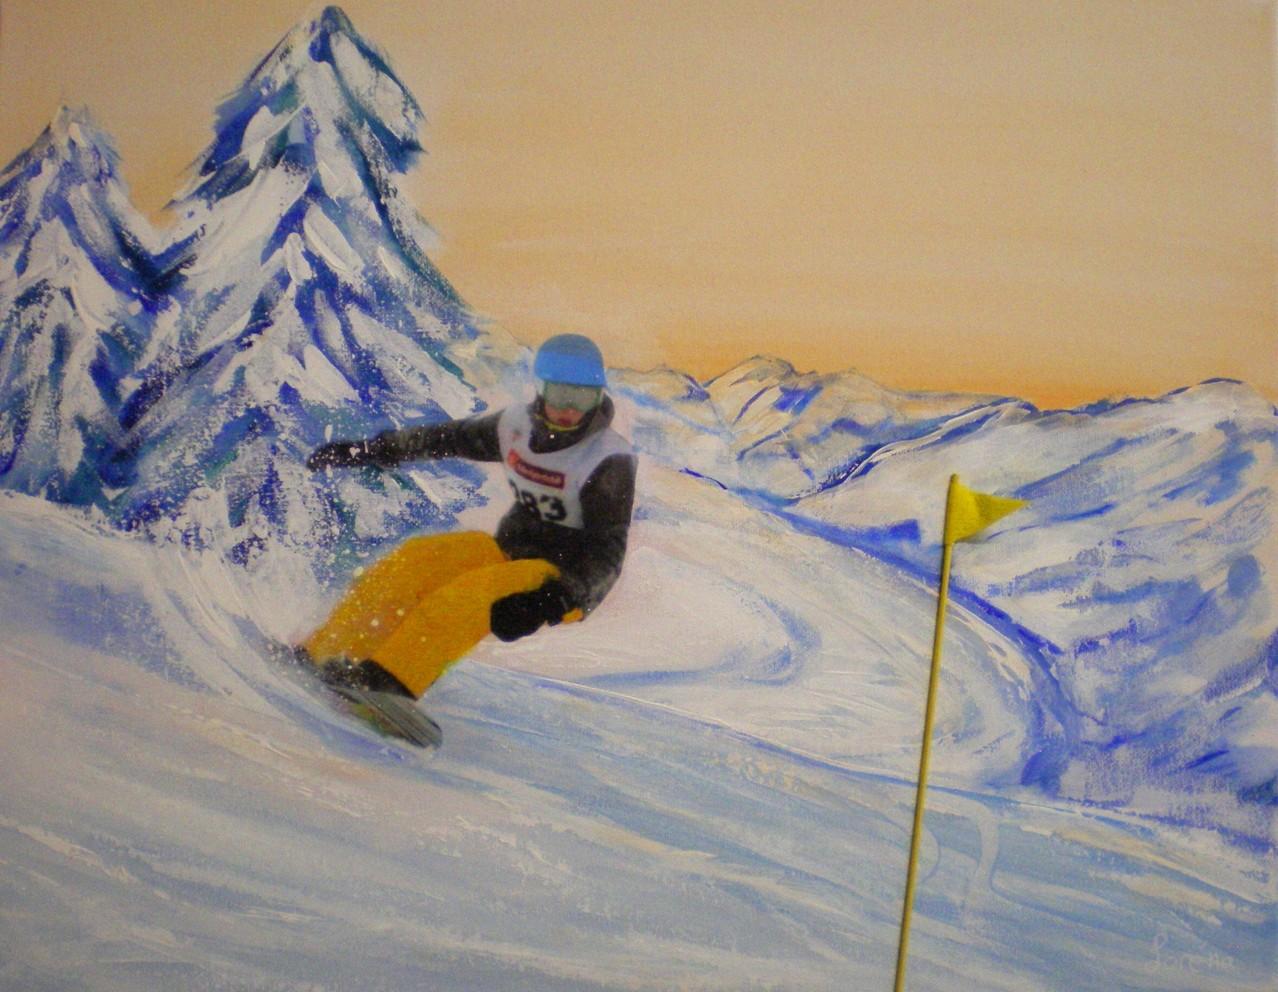 40 x 50, Leinwand, Acryl Mischtechnik mit Collage, geklebte Fahne